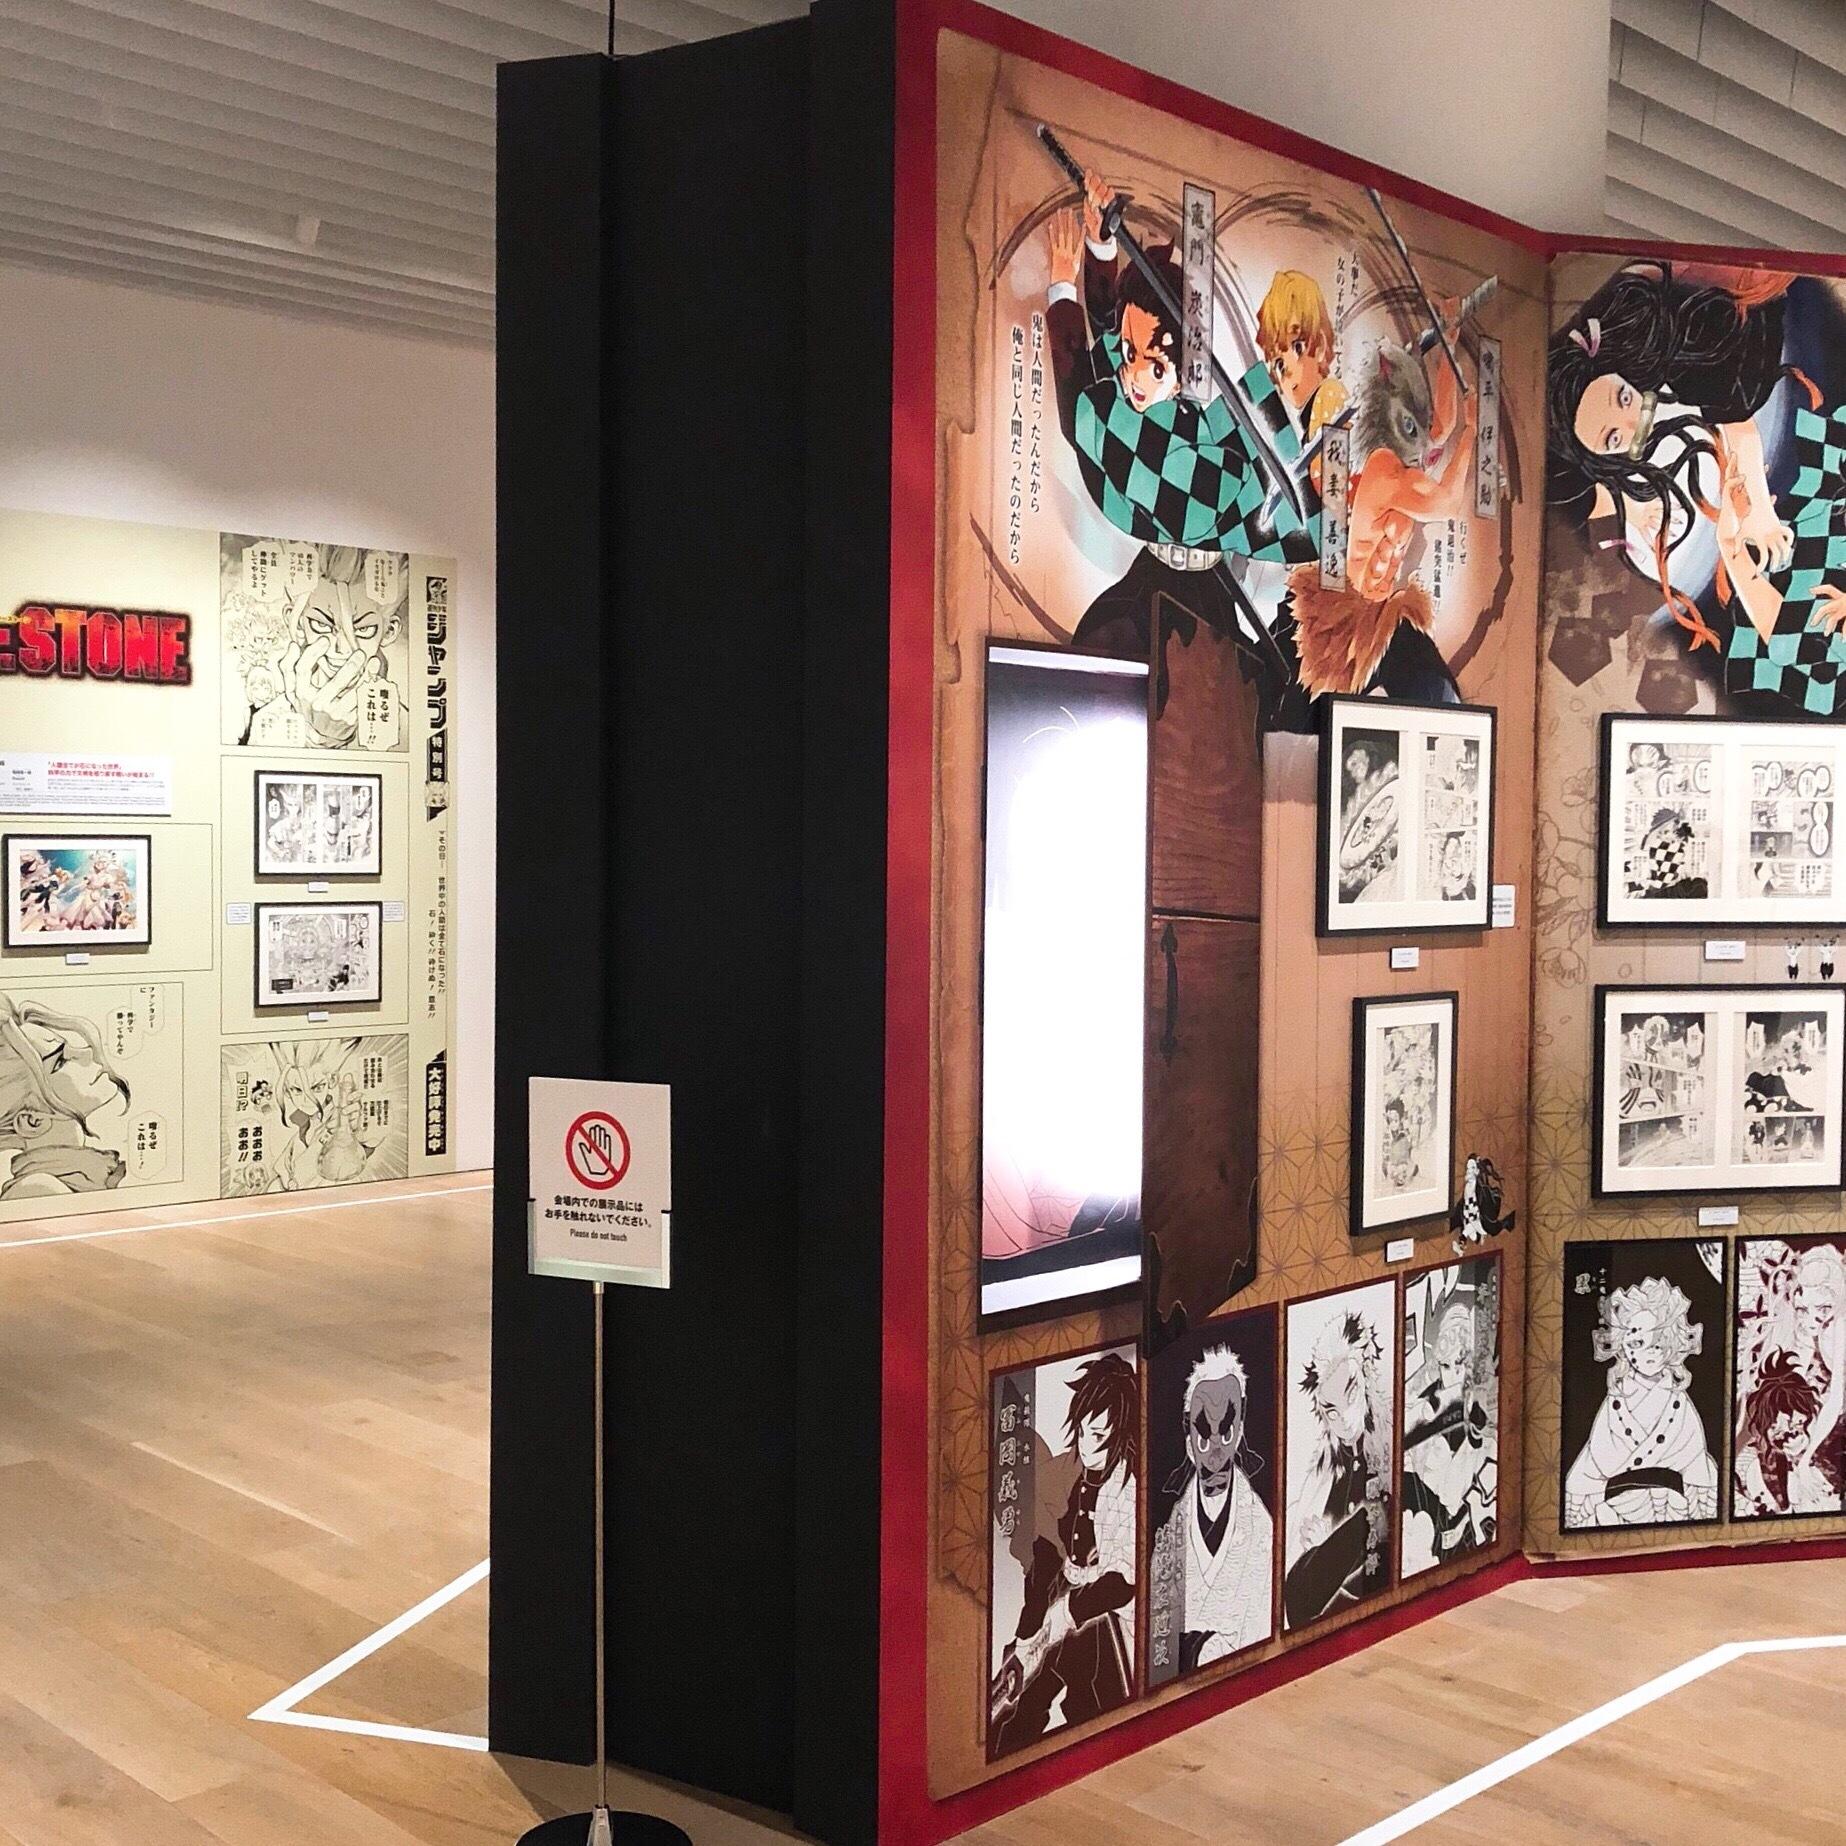 【 第124回❤︎ 】『創刊50周年記念 週刊少年ジャンプ展 VOL.3』☺︎_1_4-2